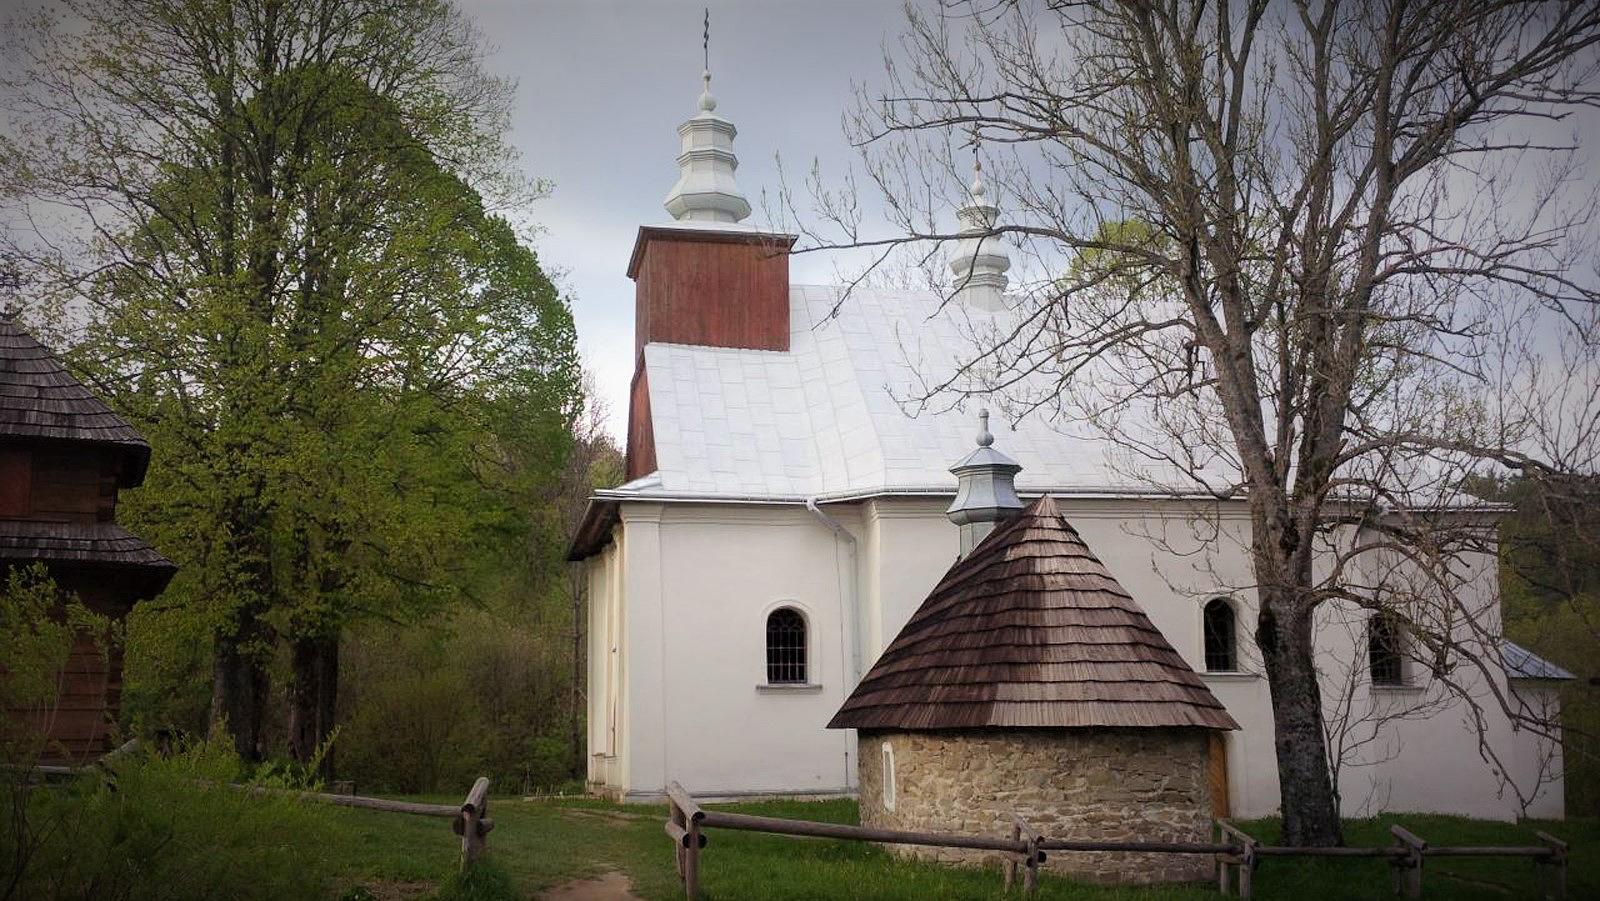 Cud na podkarpackiej wsi  - Zdjęcie główne